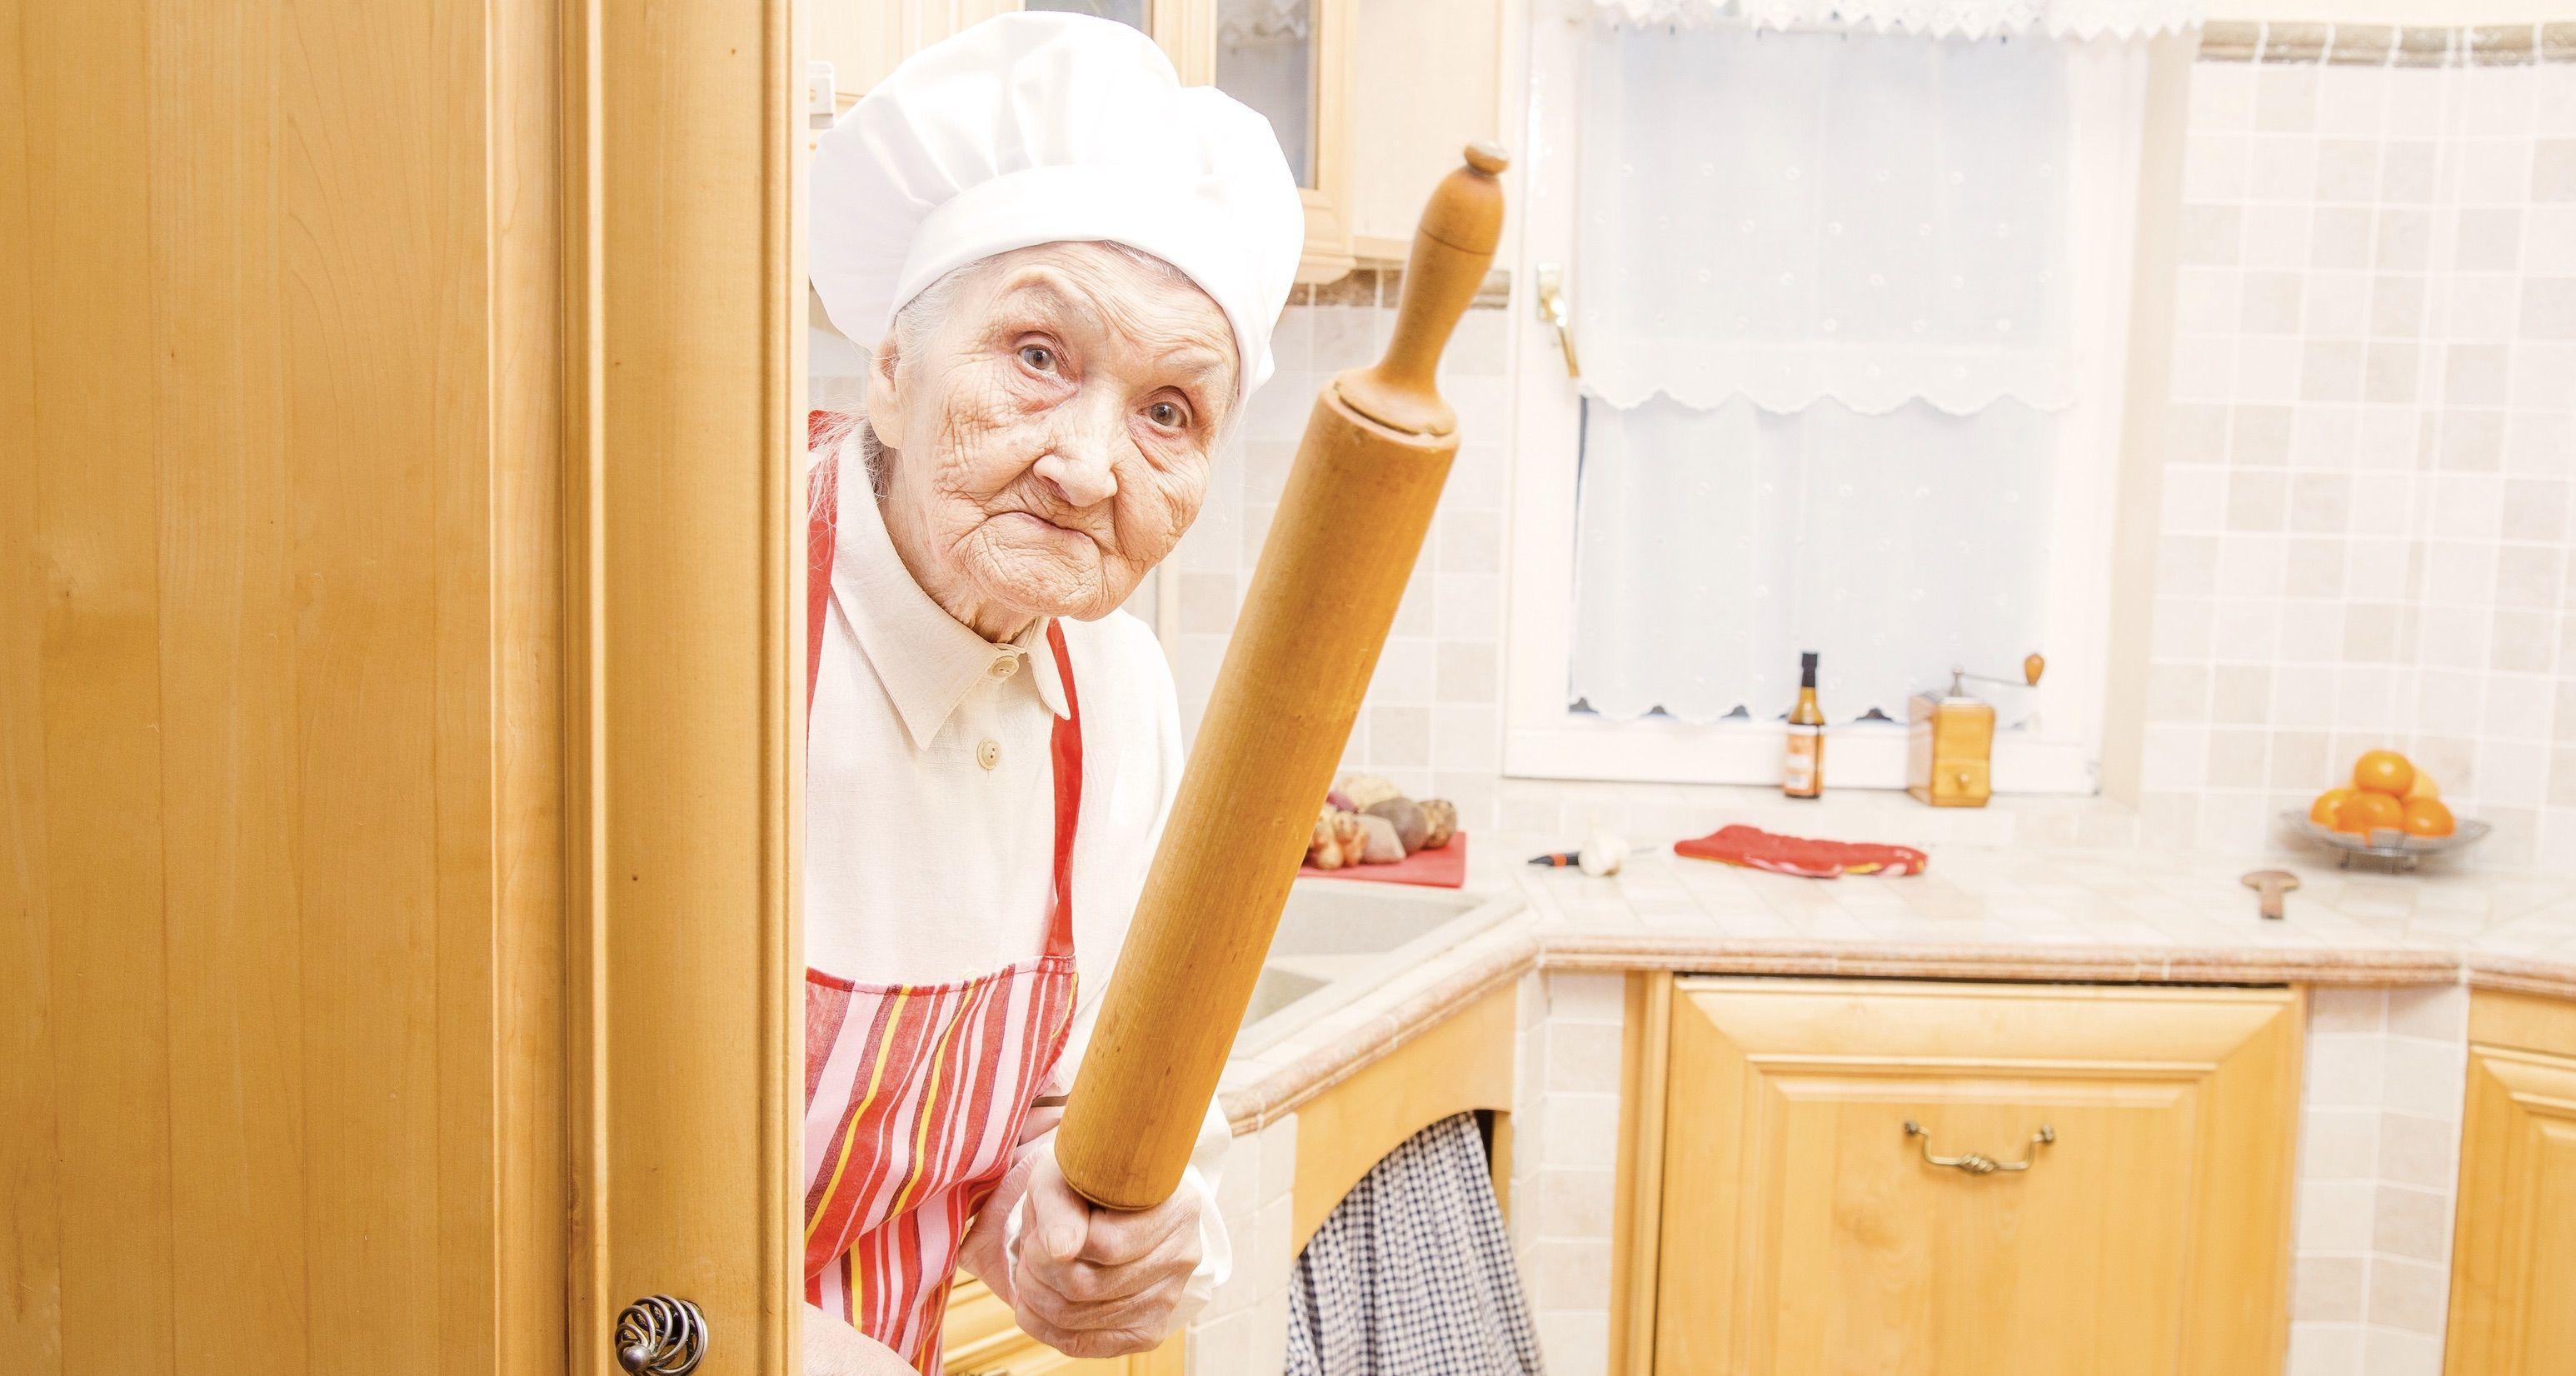 16 schräge Omas mit echt seltsamen Angewohnheiten!